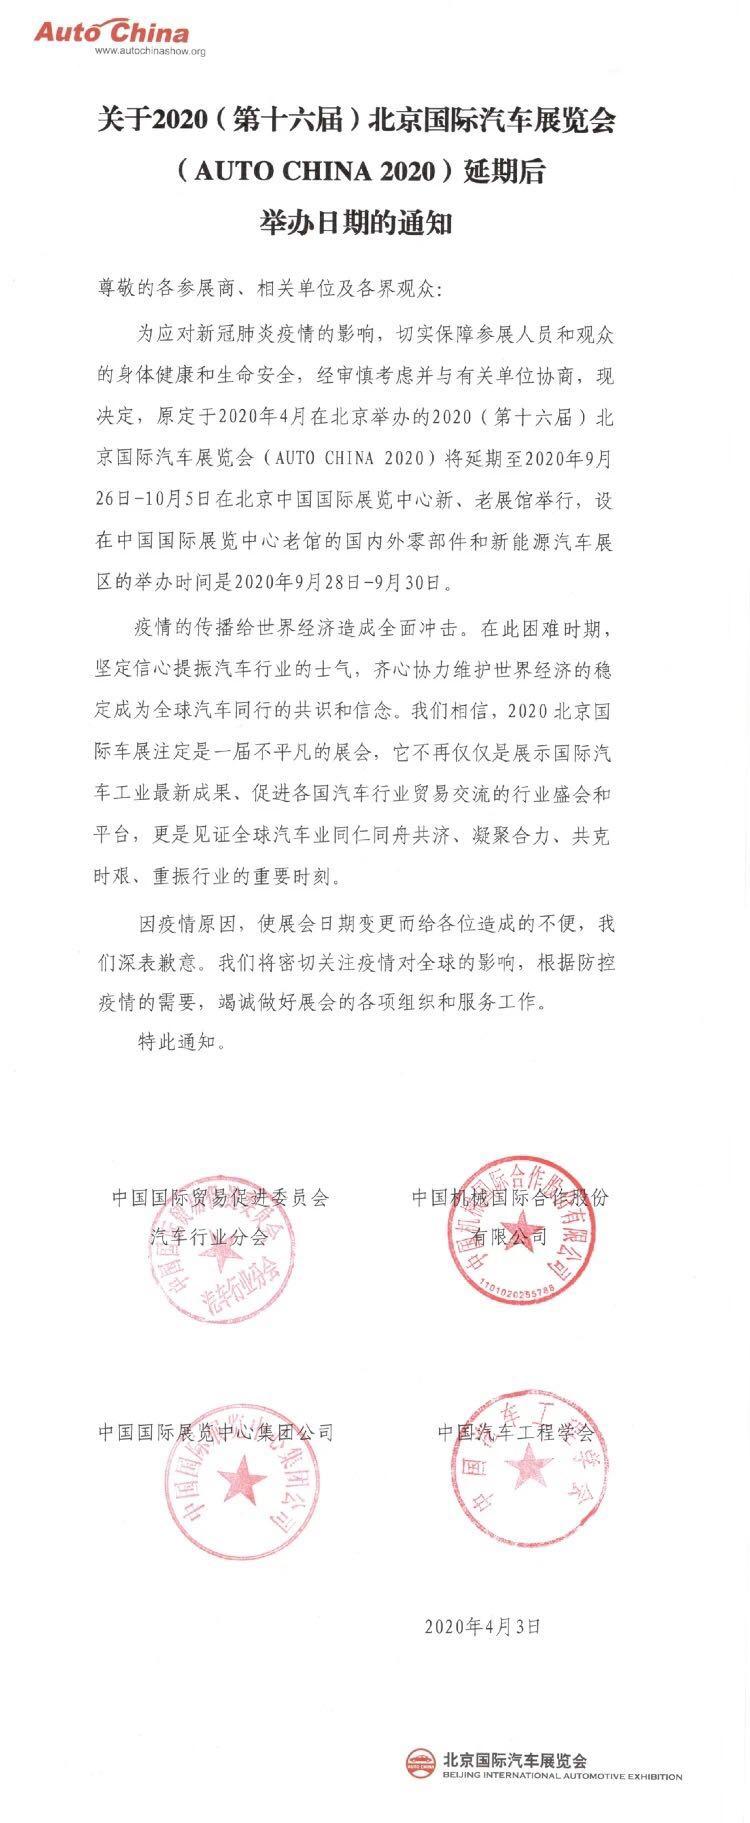 2020北京车展延期至9月26日